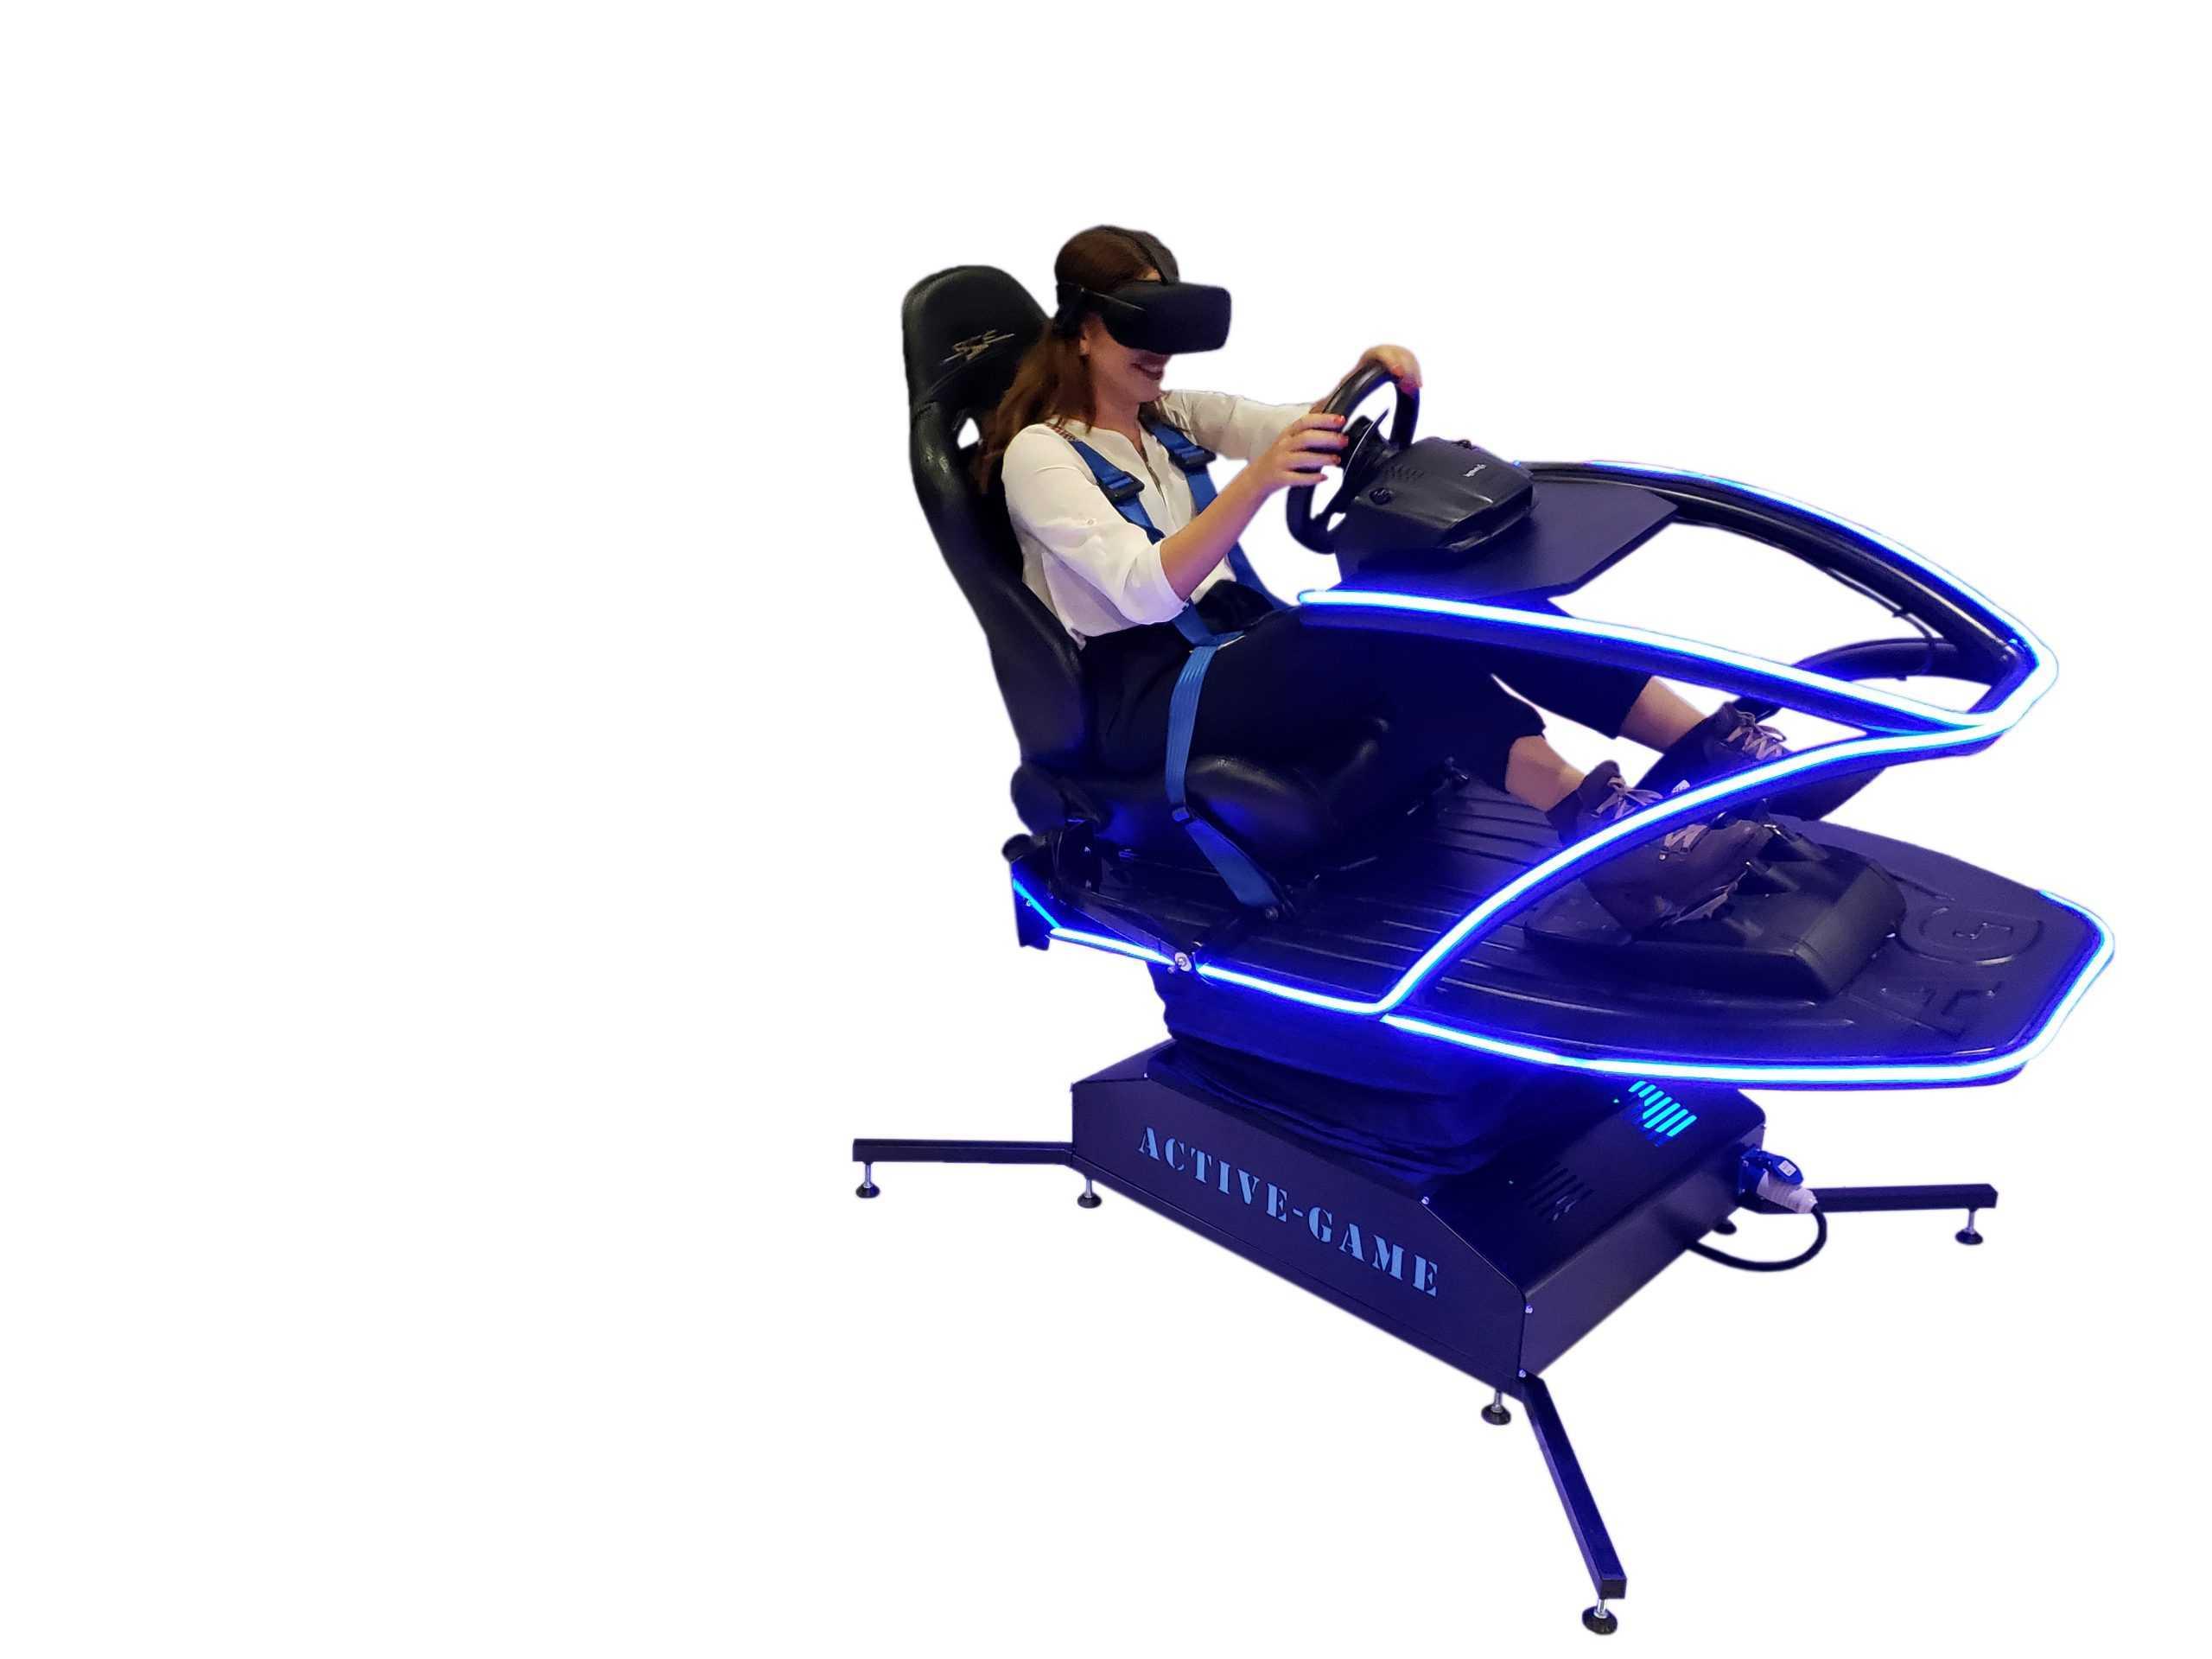 Supersim_Blue_3 Full motion flight simulator 2dof, 3dof,4dof,6dof motion platform